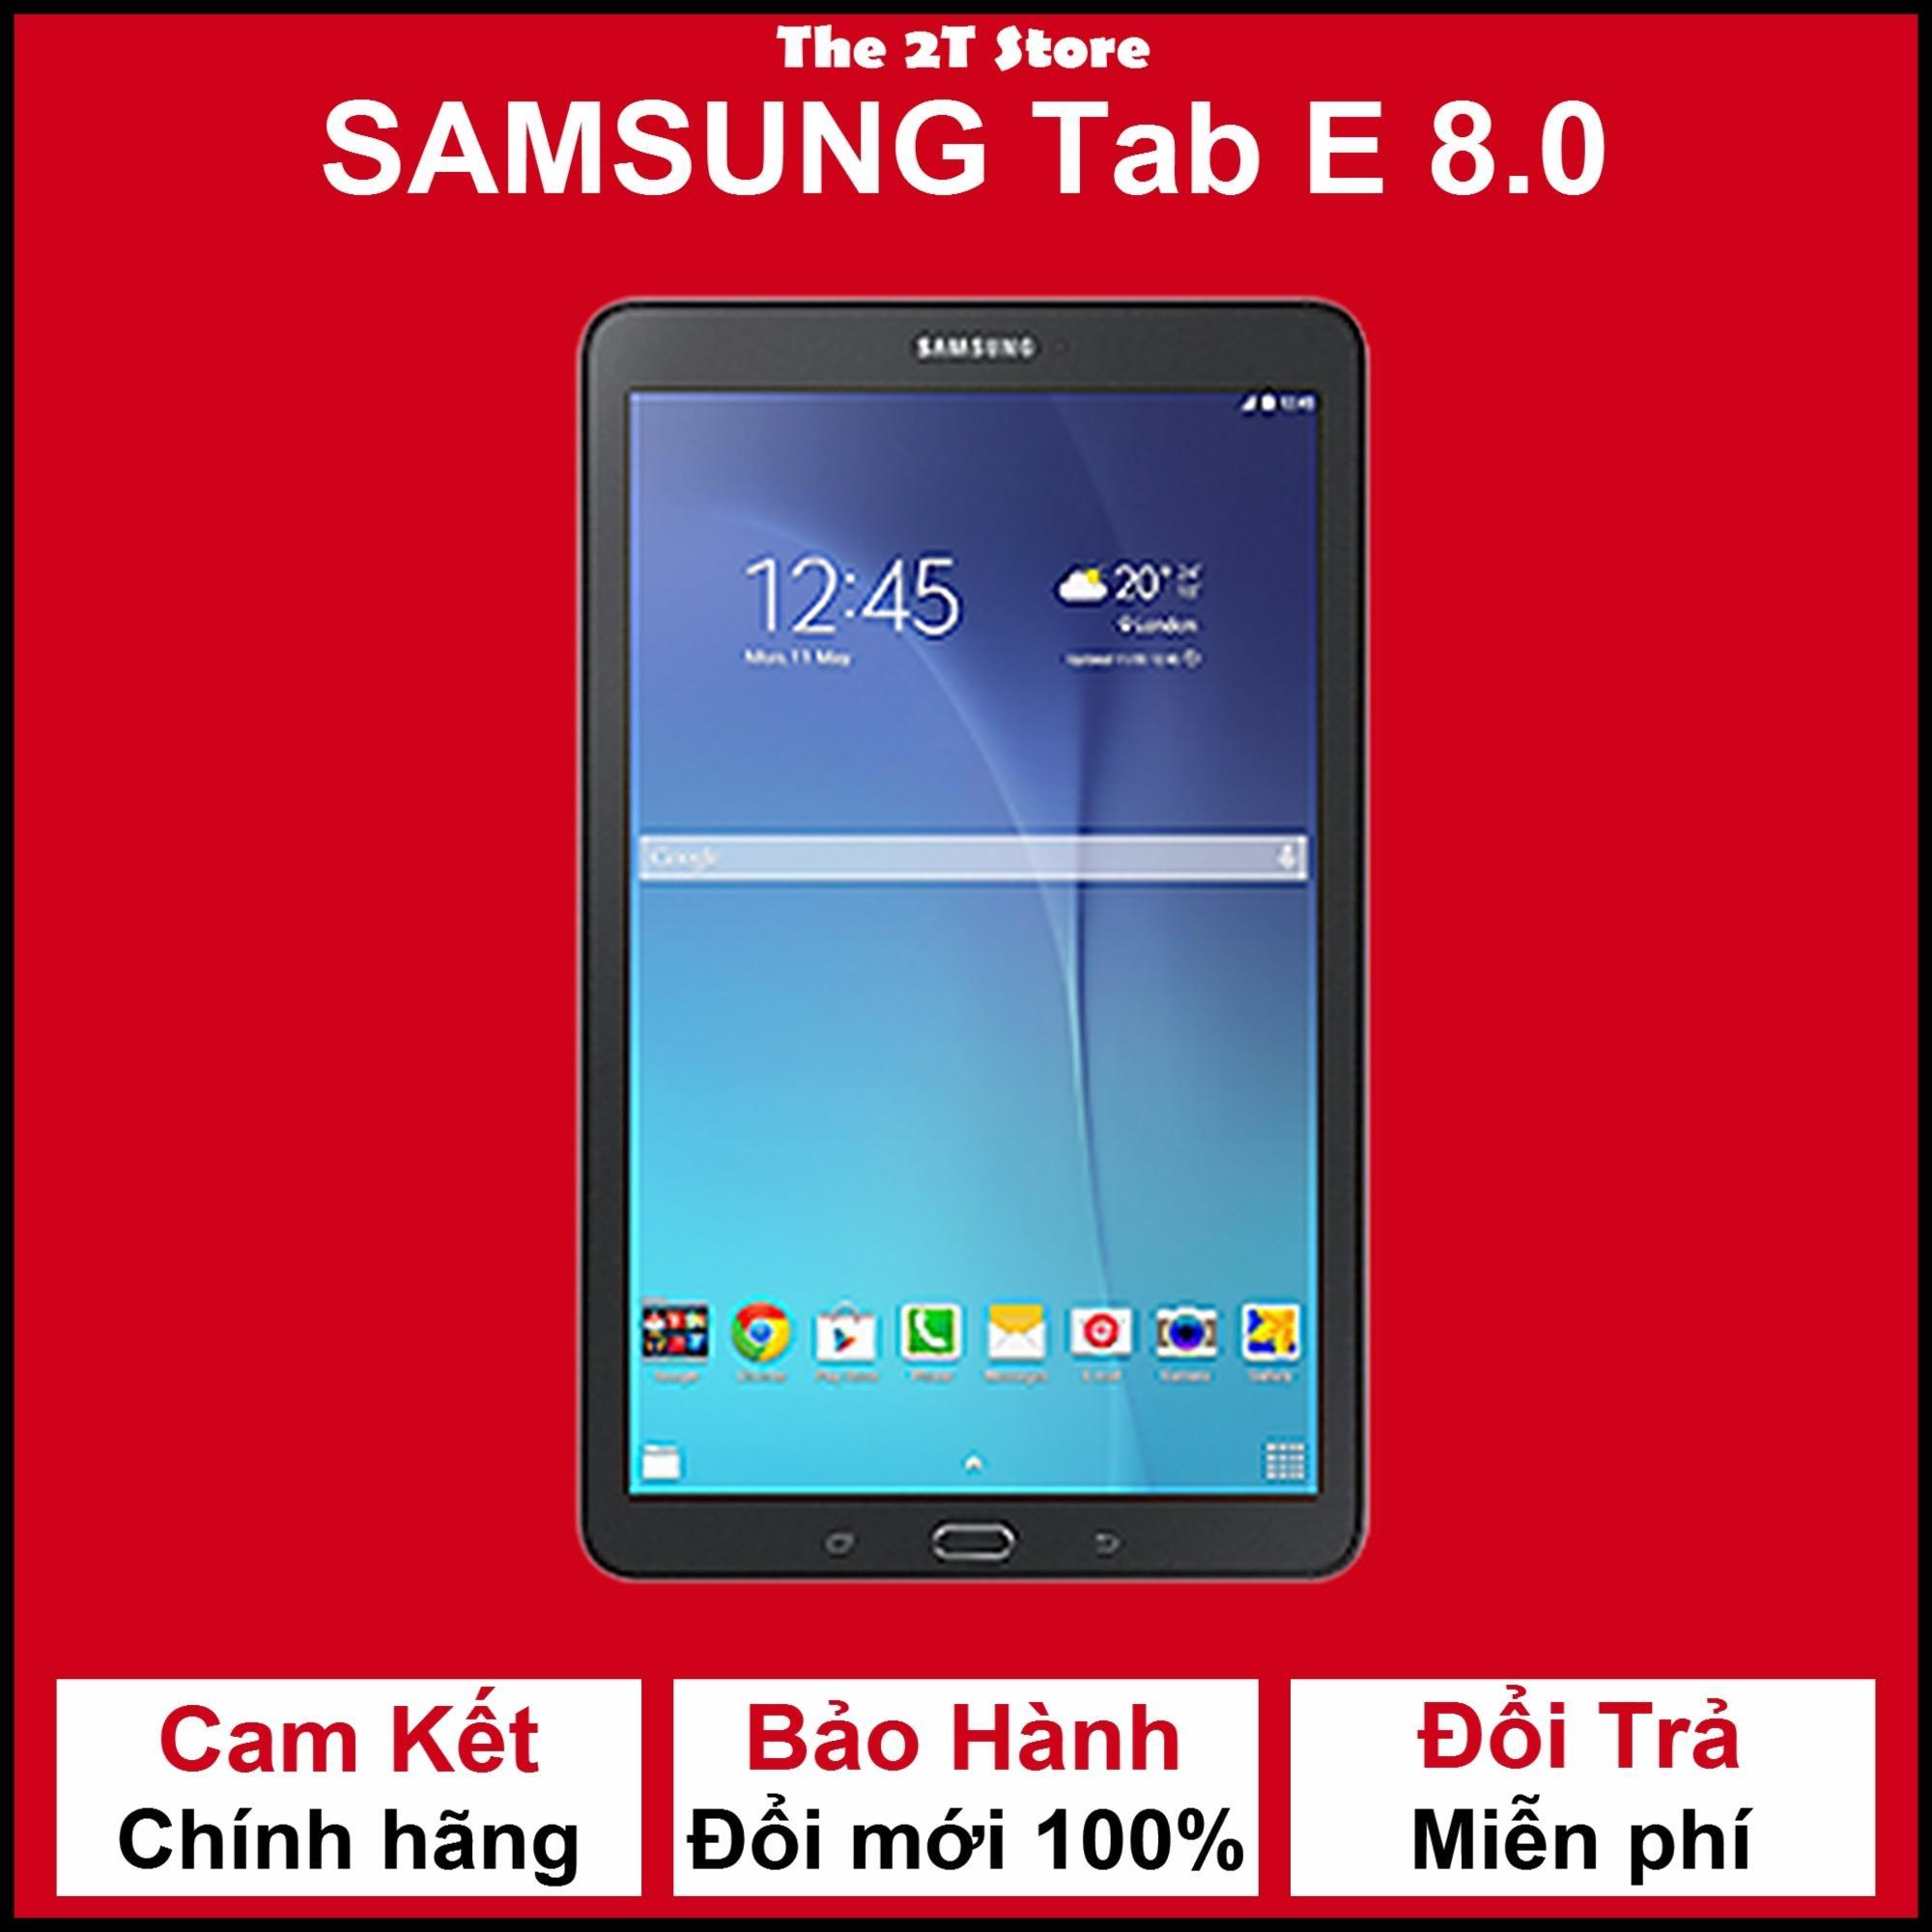 Bán May Tinh Bảng Samsungtab E 8 4G Wifi Mau Đen Hang Xach Tay Có Thương Hiệu Nguyên